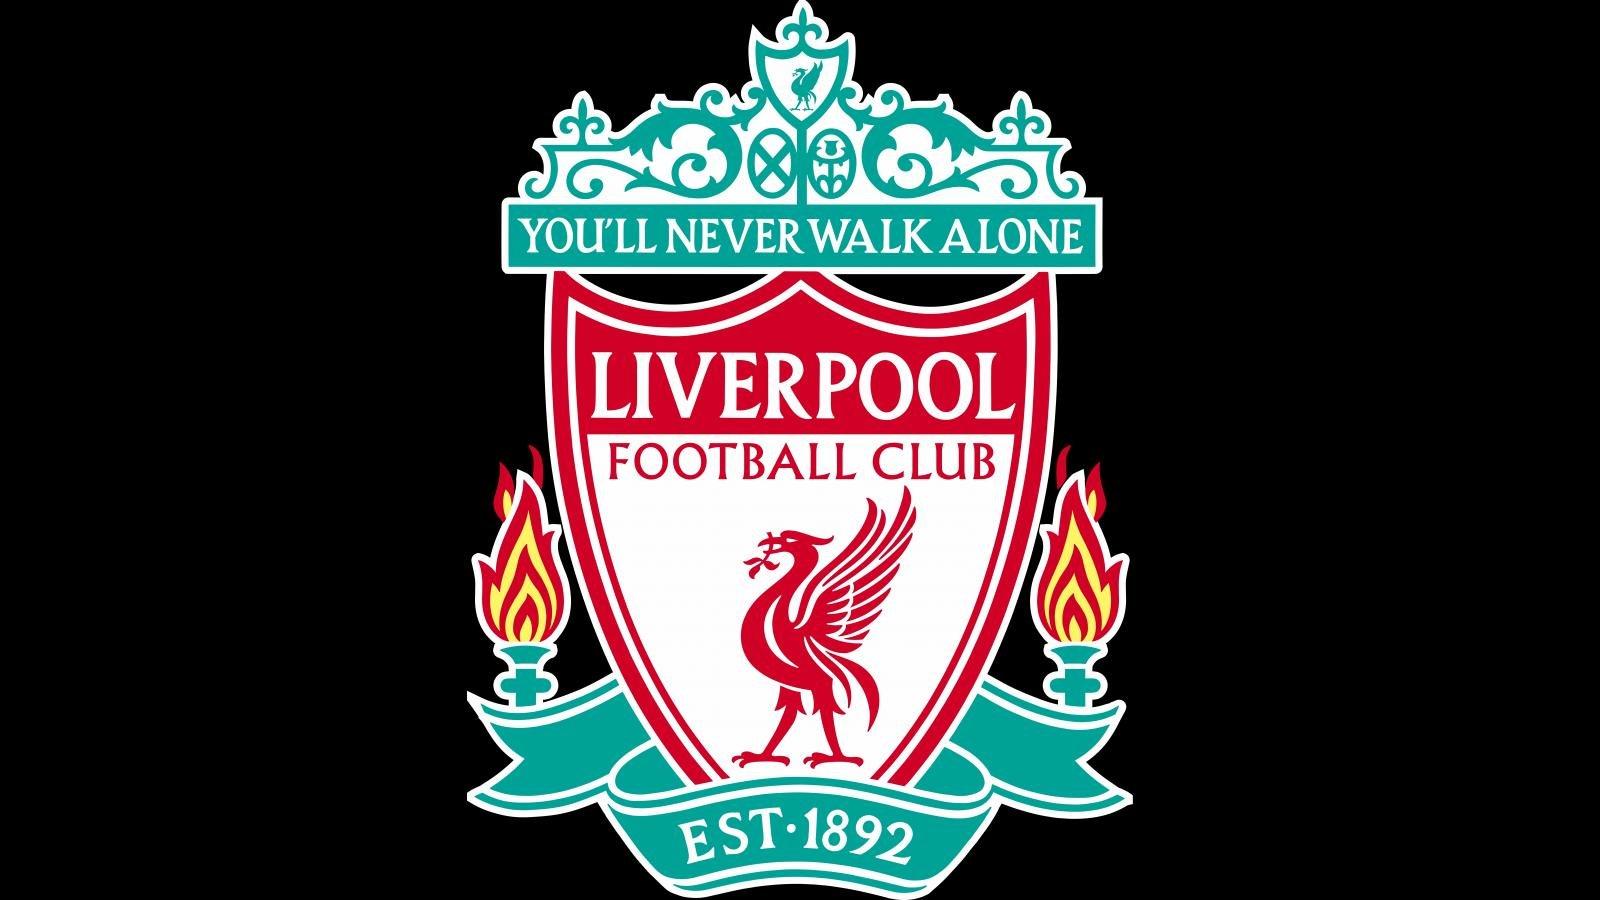 Liverpool F C Wallpapers 1600x900 Desktop Backgrounds